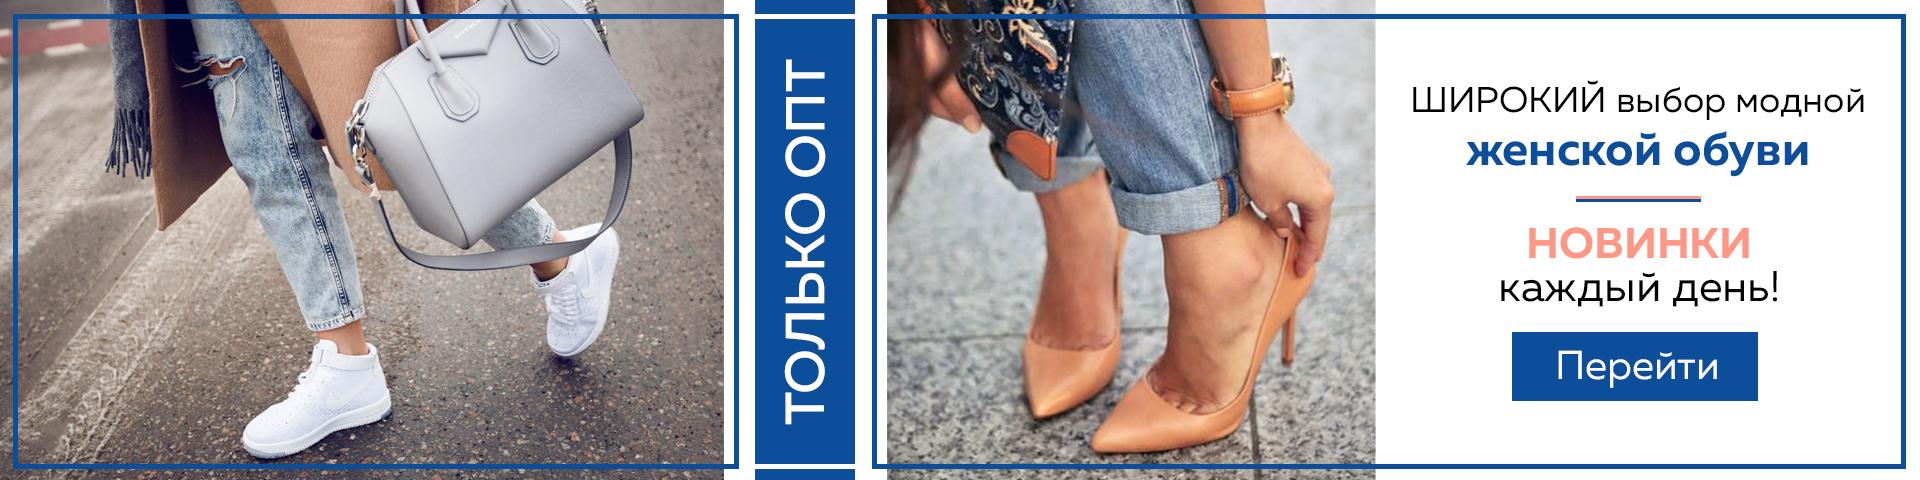 купить женскую обувь оптом от производителя в интернет - магазине Optomarket  Одесса 7 км  